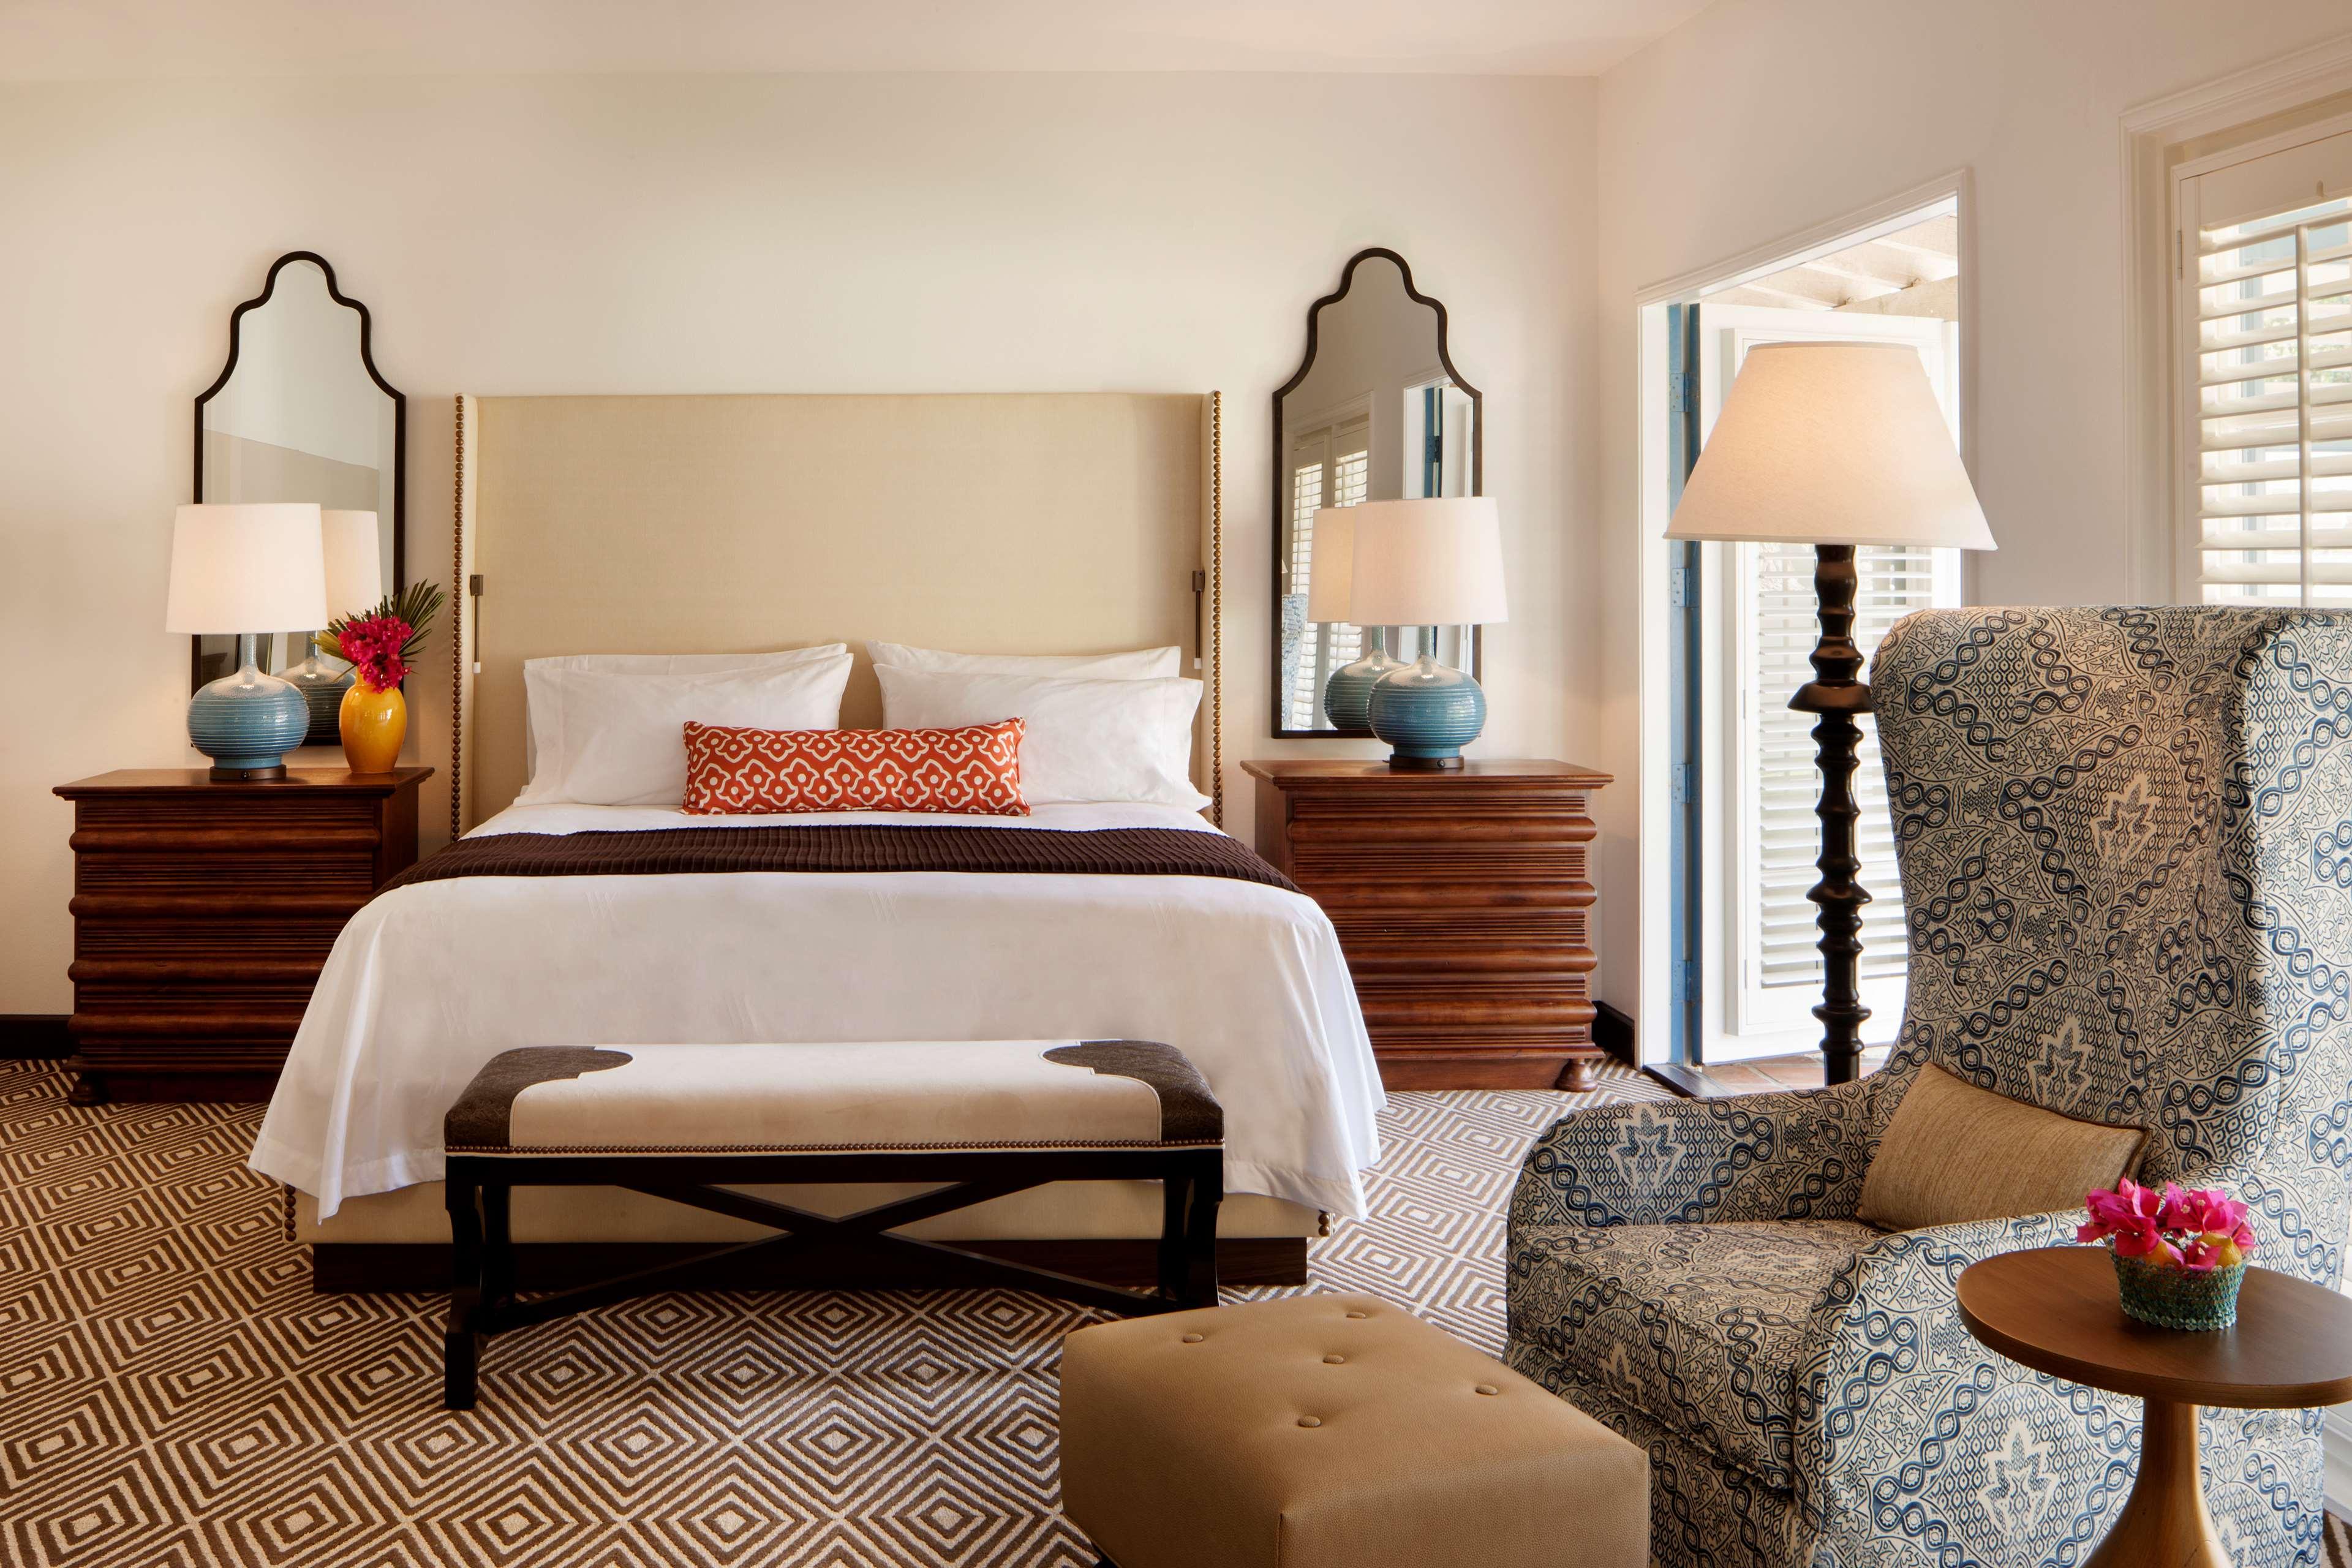 La Quinta Resort & Club, A Waldorf Astoria Resort image 32